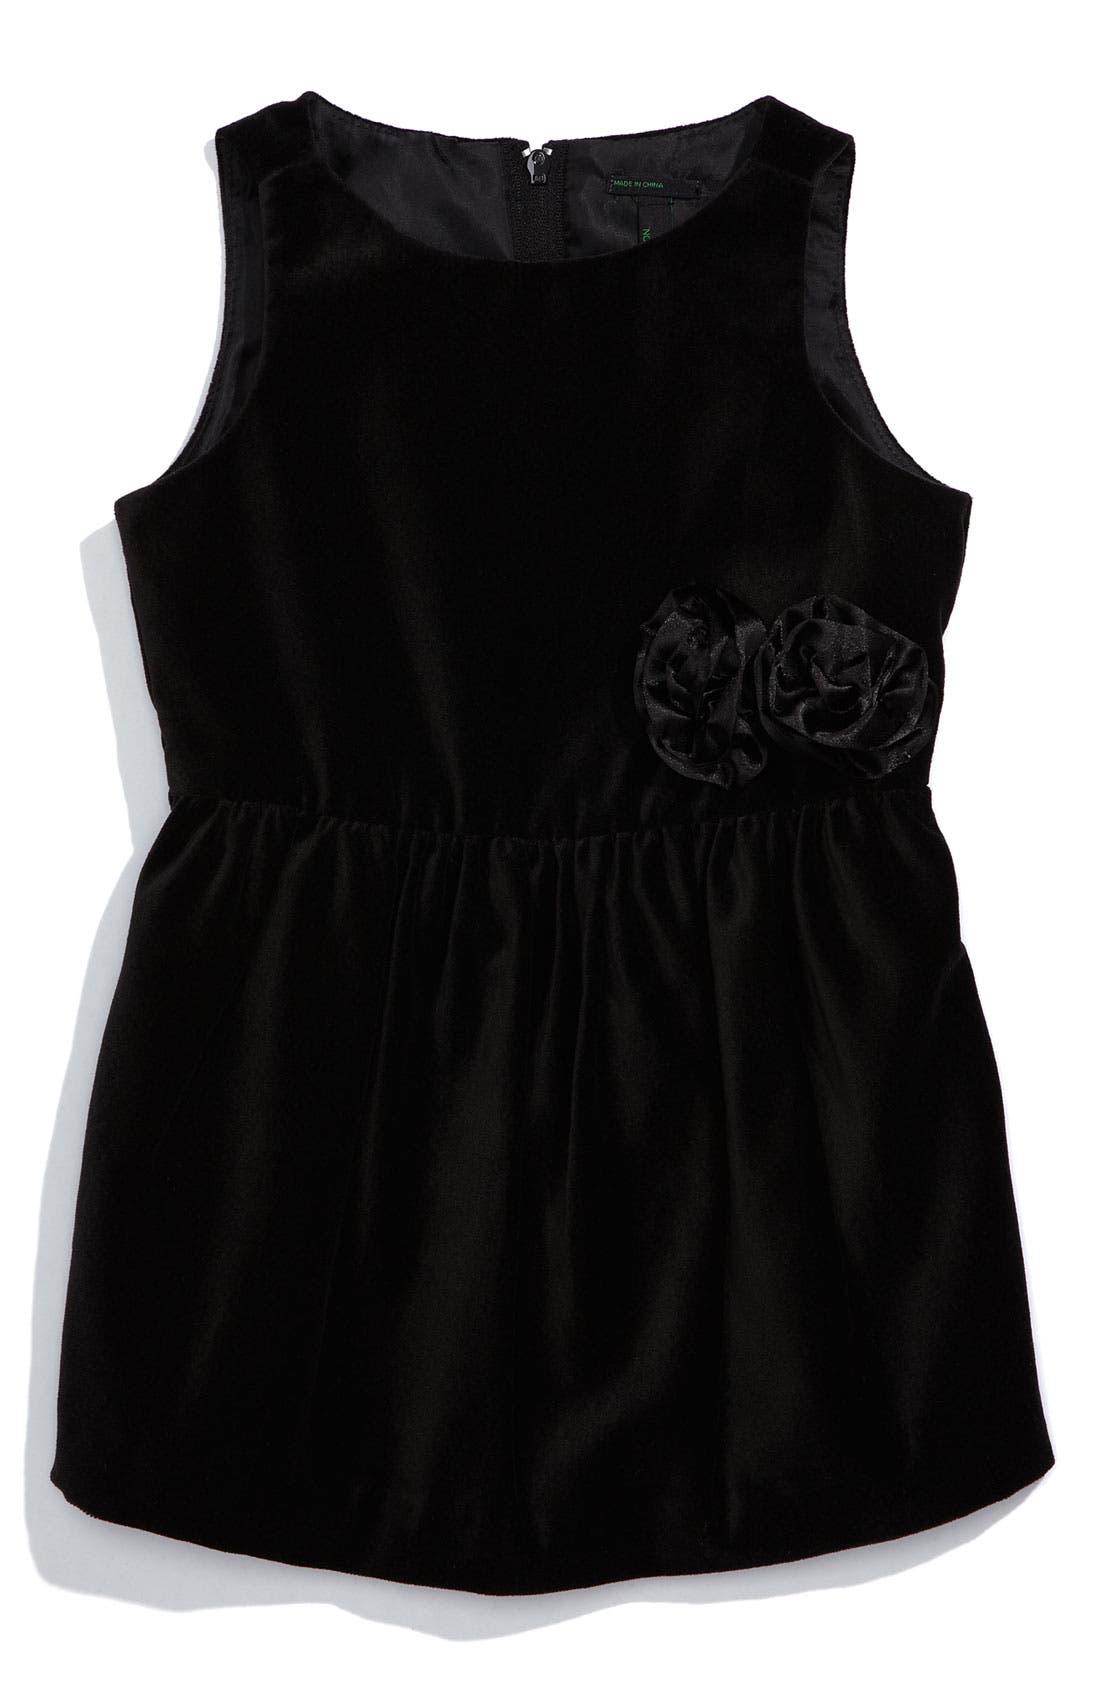 Alternate Image 1 Selected - United Colors of Benetton Kids Velvet Dress (Toddler)